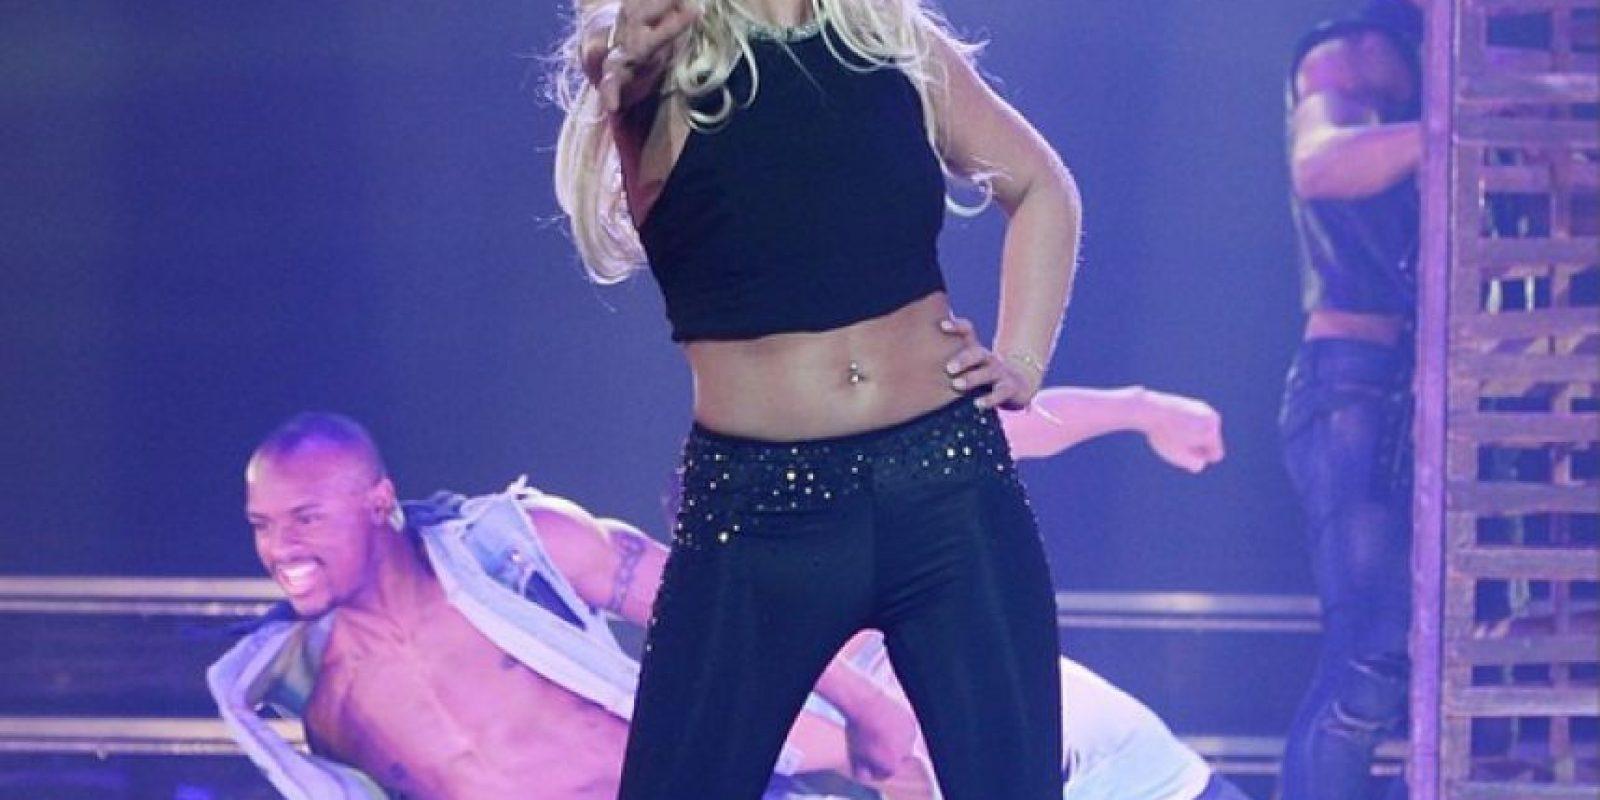 El 3 de enero de 2004, Britney se casó en Las Vegas con Jason Allen Alexander Foto:Instagram @britneyspears